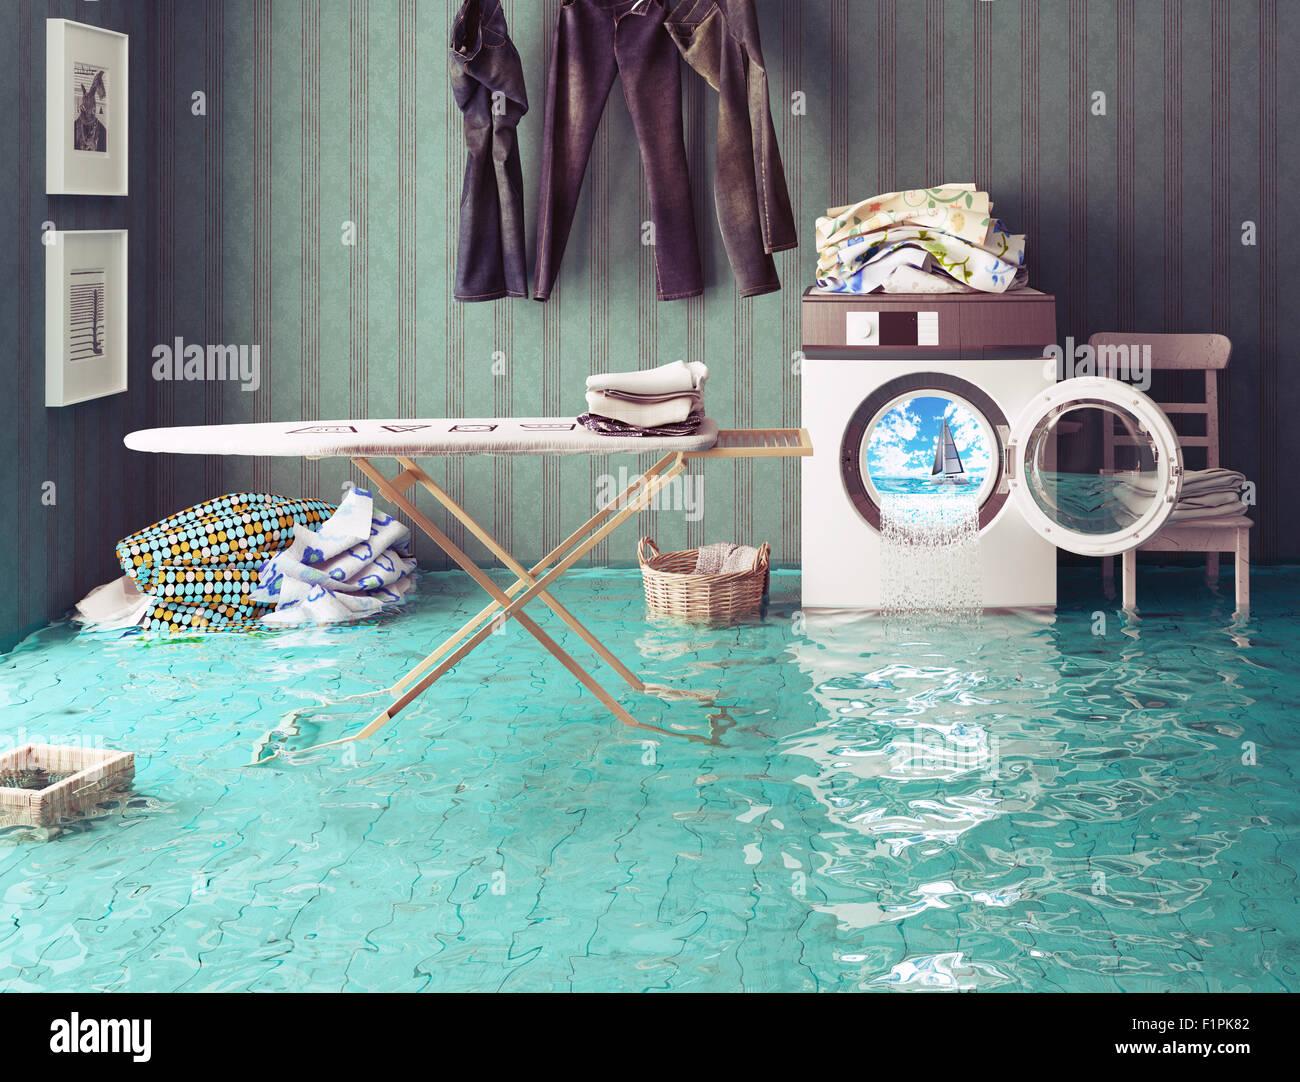 Los quehaceres domésticos sueños. 3d El concepto creativo. Imagen De Stock